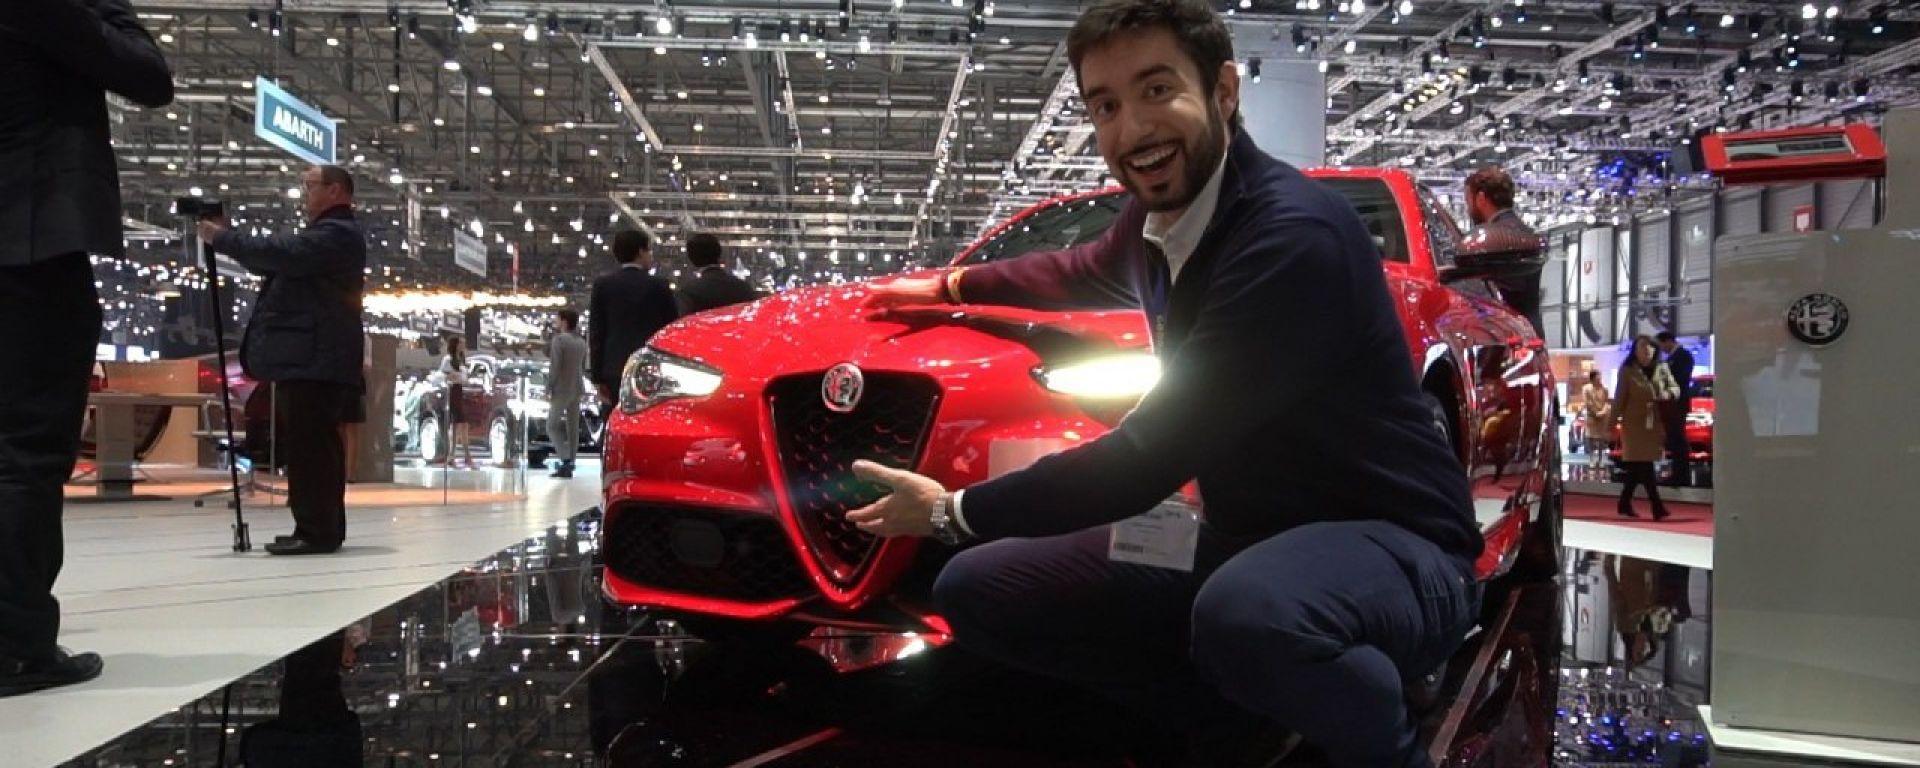 Alfa Romeo Giulia Veloce Turismo Internazionale in video